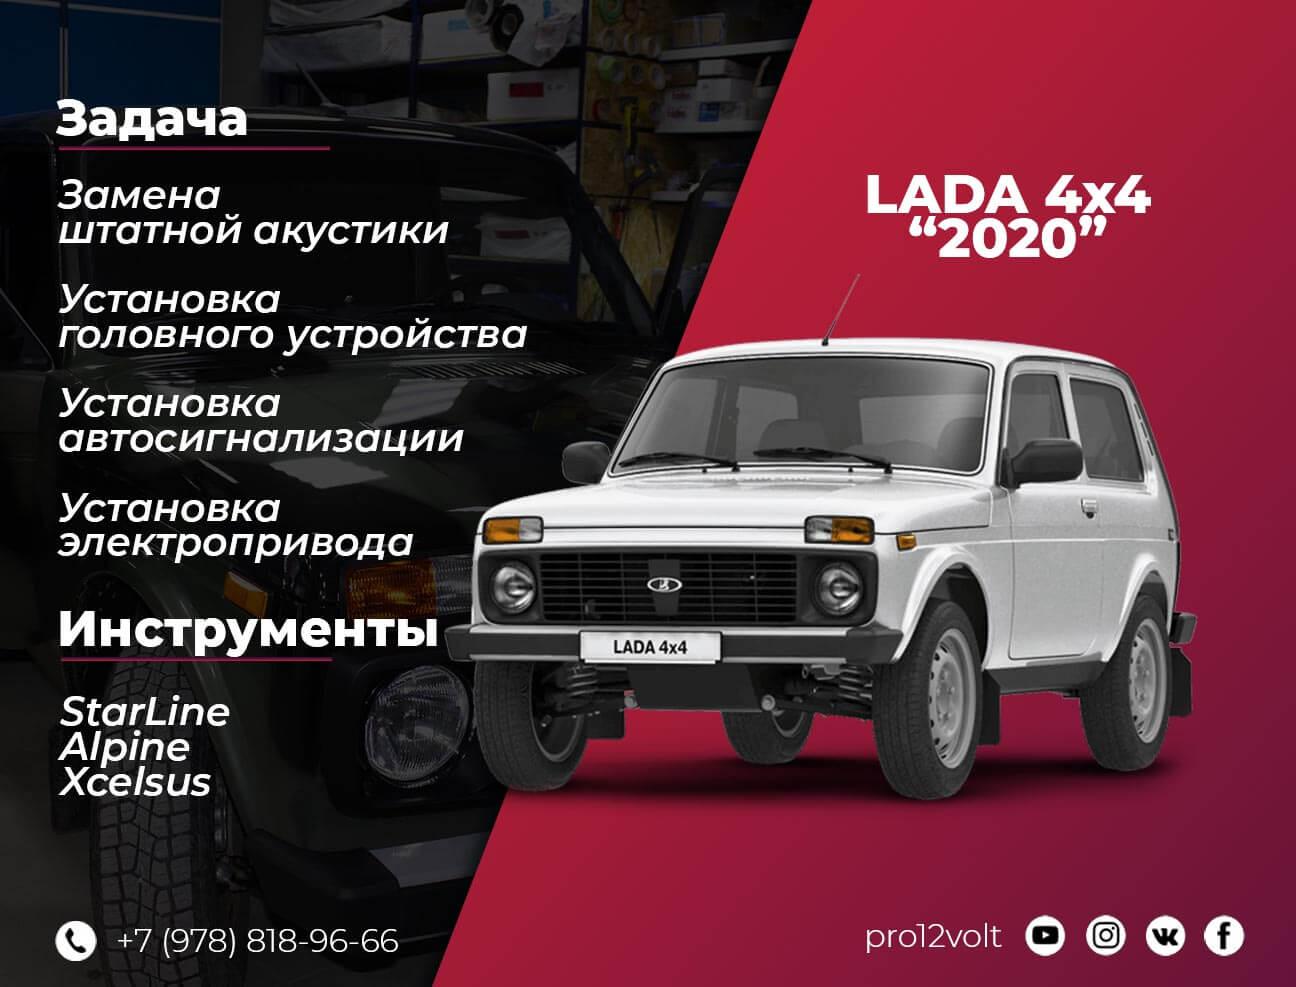 Lada 4×4 (2020г.) Замена штатной акустики, установка охранного комплекса, установка головного устройства